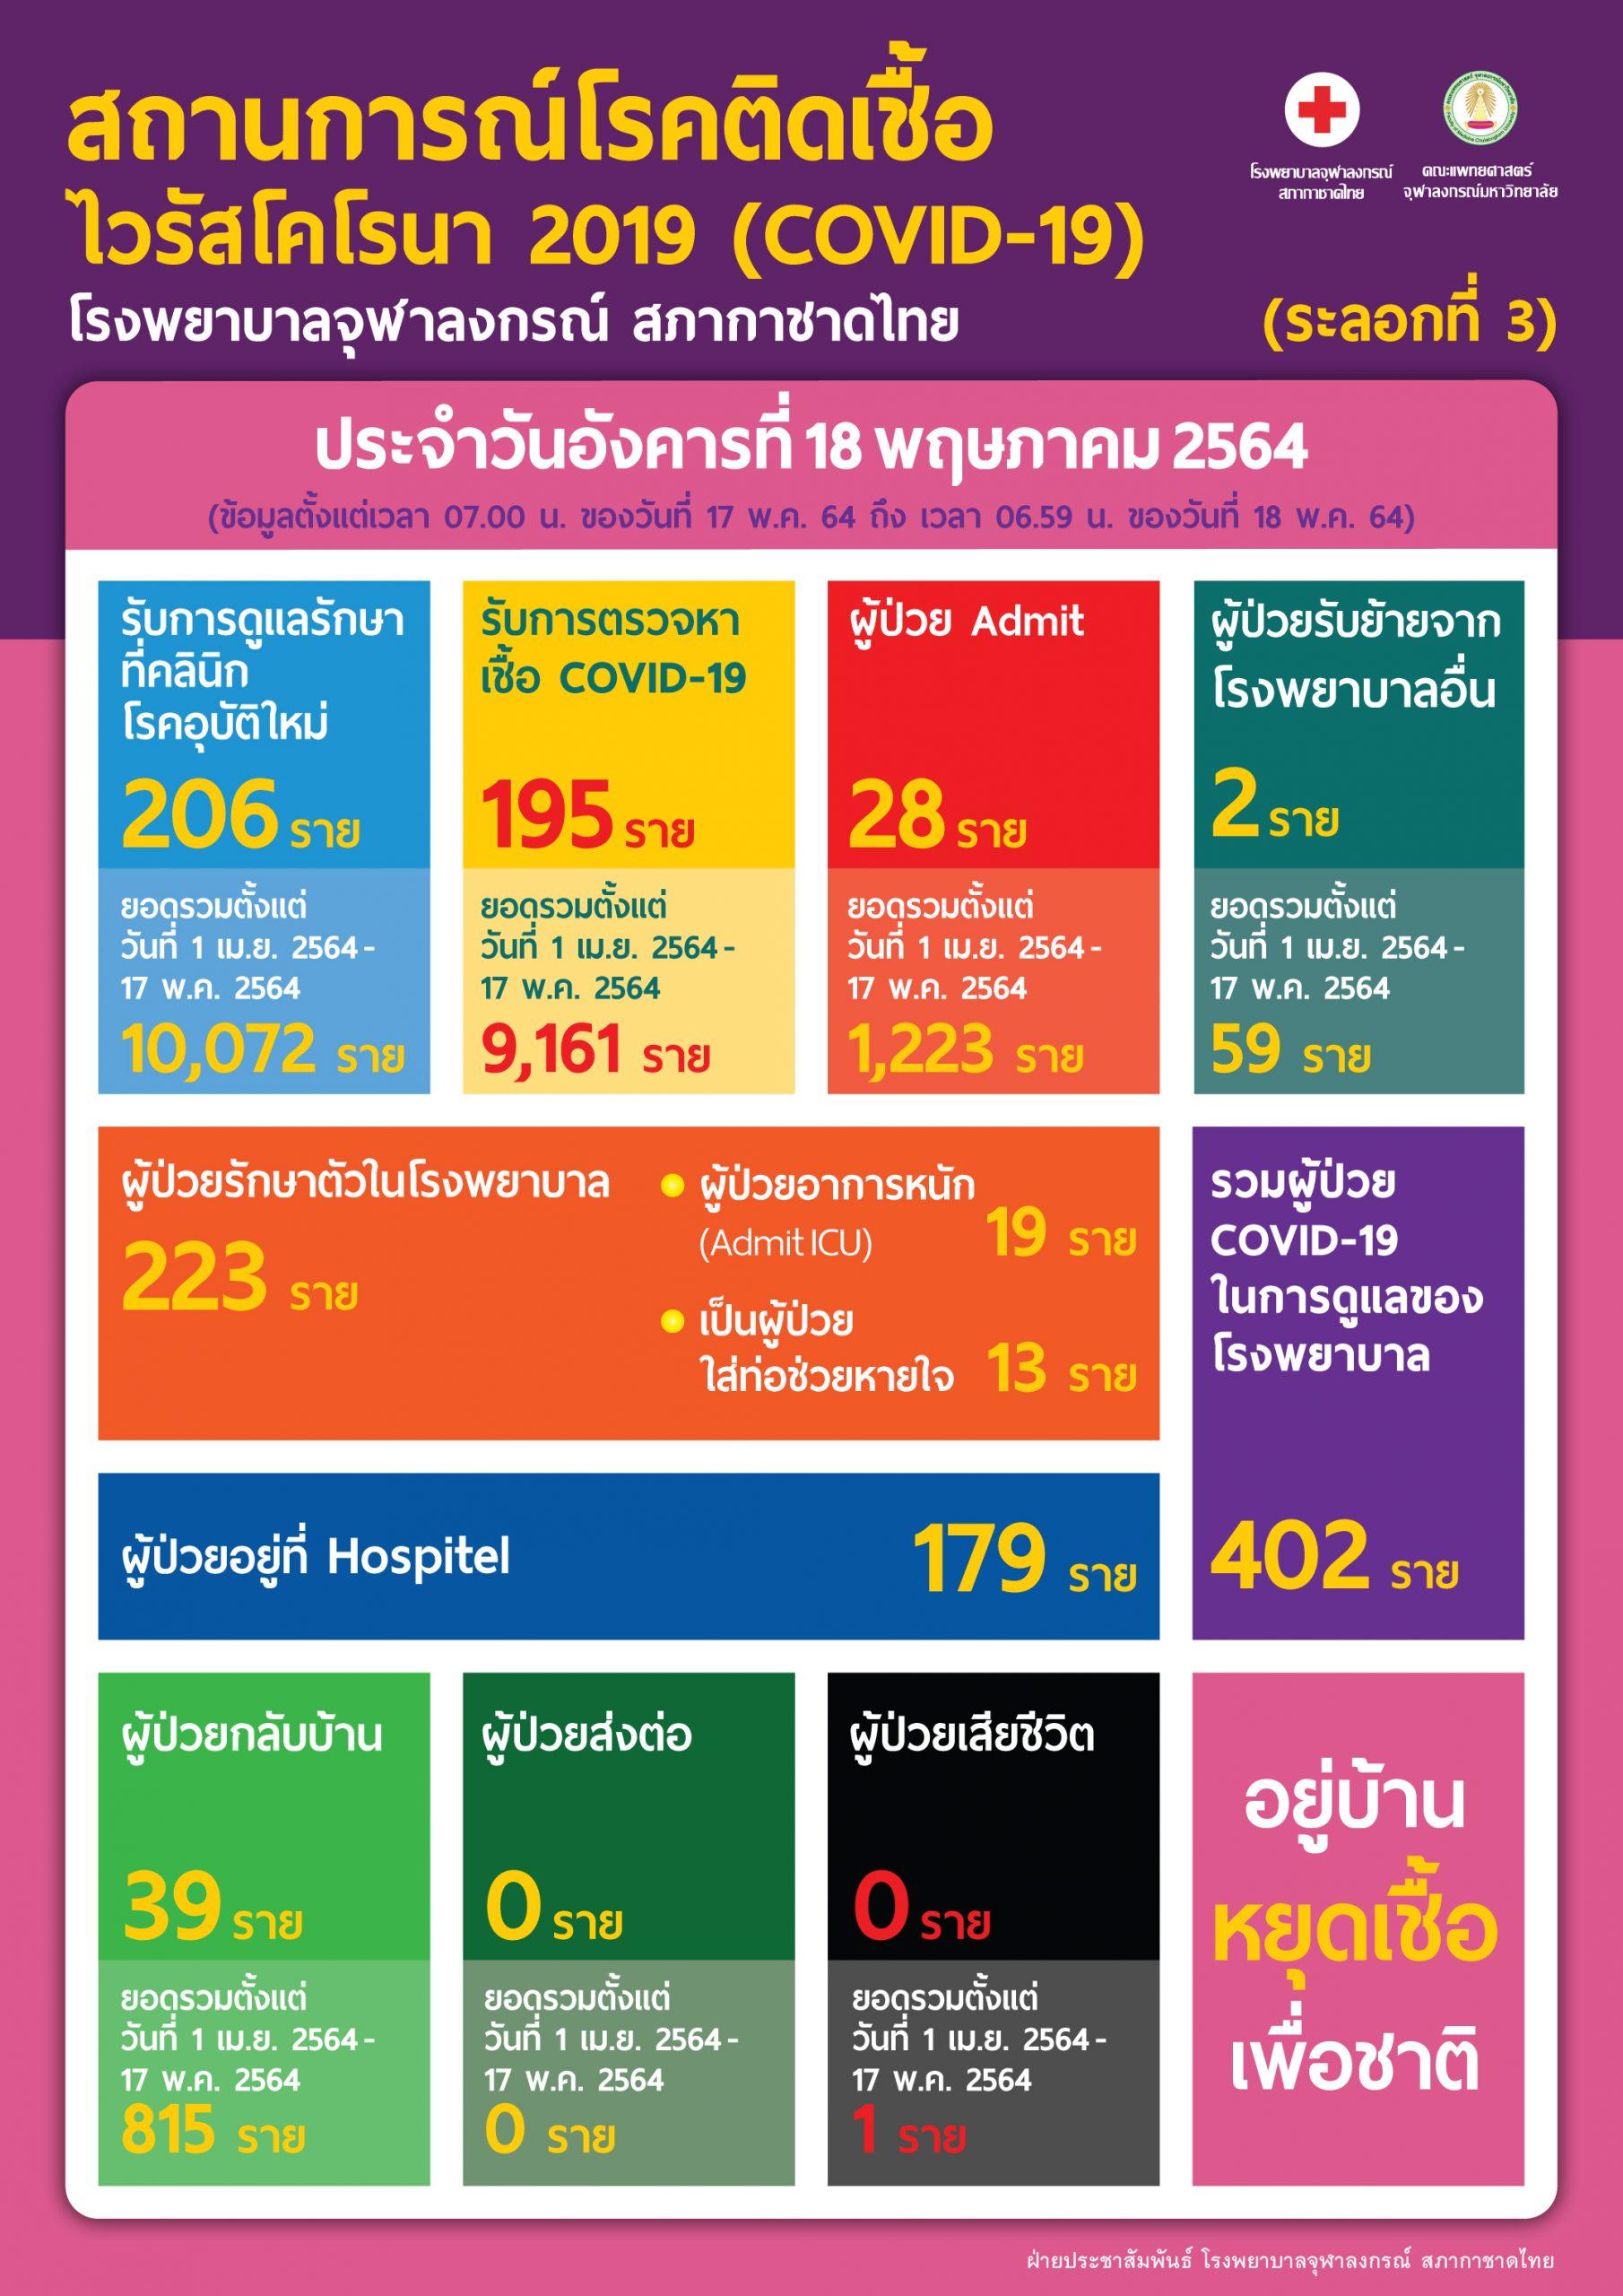 สถานการณ์โรคติดเชื้อ ไวรัสโคโรนา 2019 (COVID-19) โรงพยาบาลจุฬาลงกรณ์ สภากาชาดไทย (ระลอกที่ 3) ประจำวันอังคารที่ 18 พฤษภาคม 2564